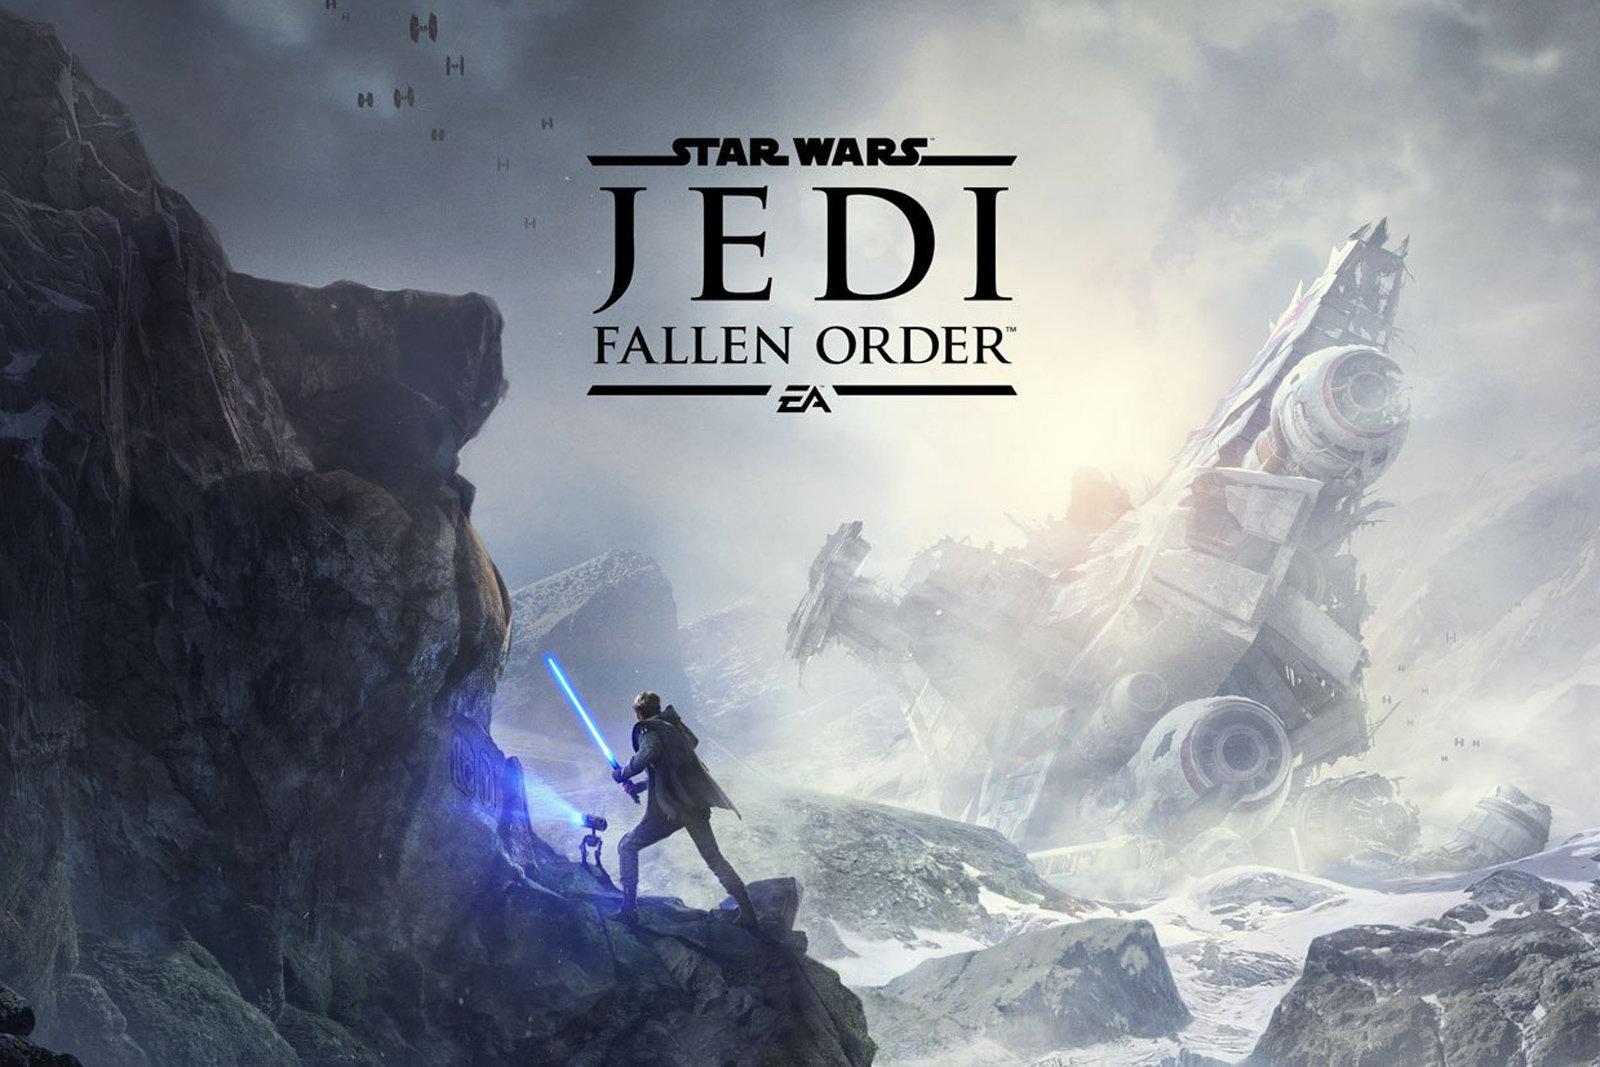 Star Wars Jedi: Fallen Order chega à PS5 e Xbox Series X|S